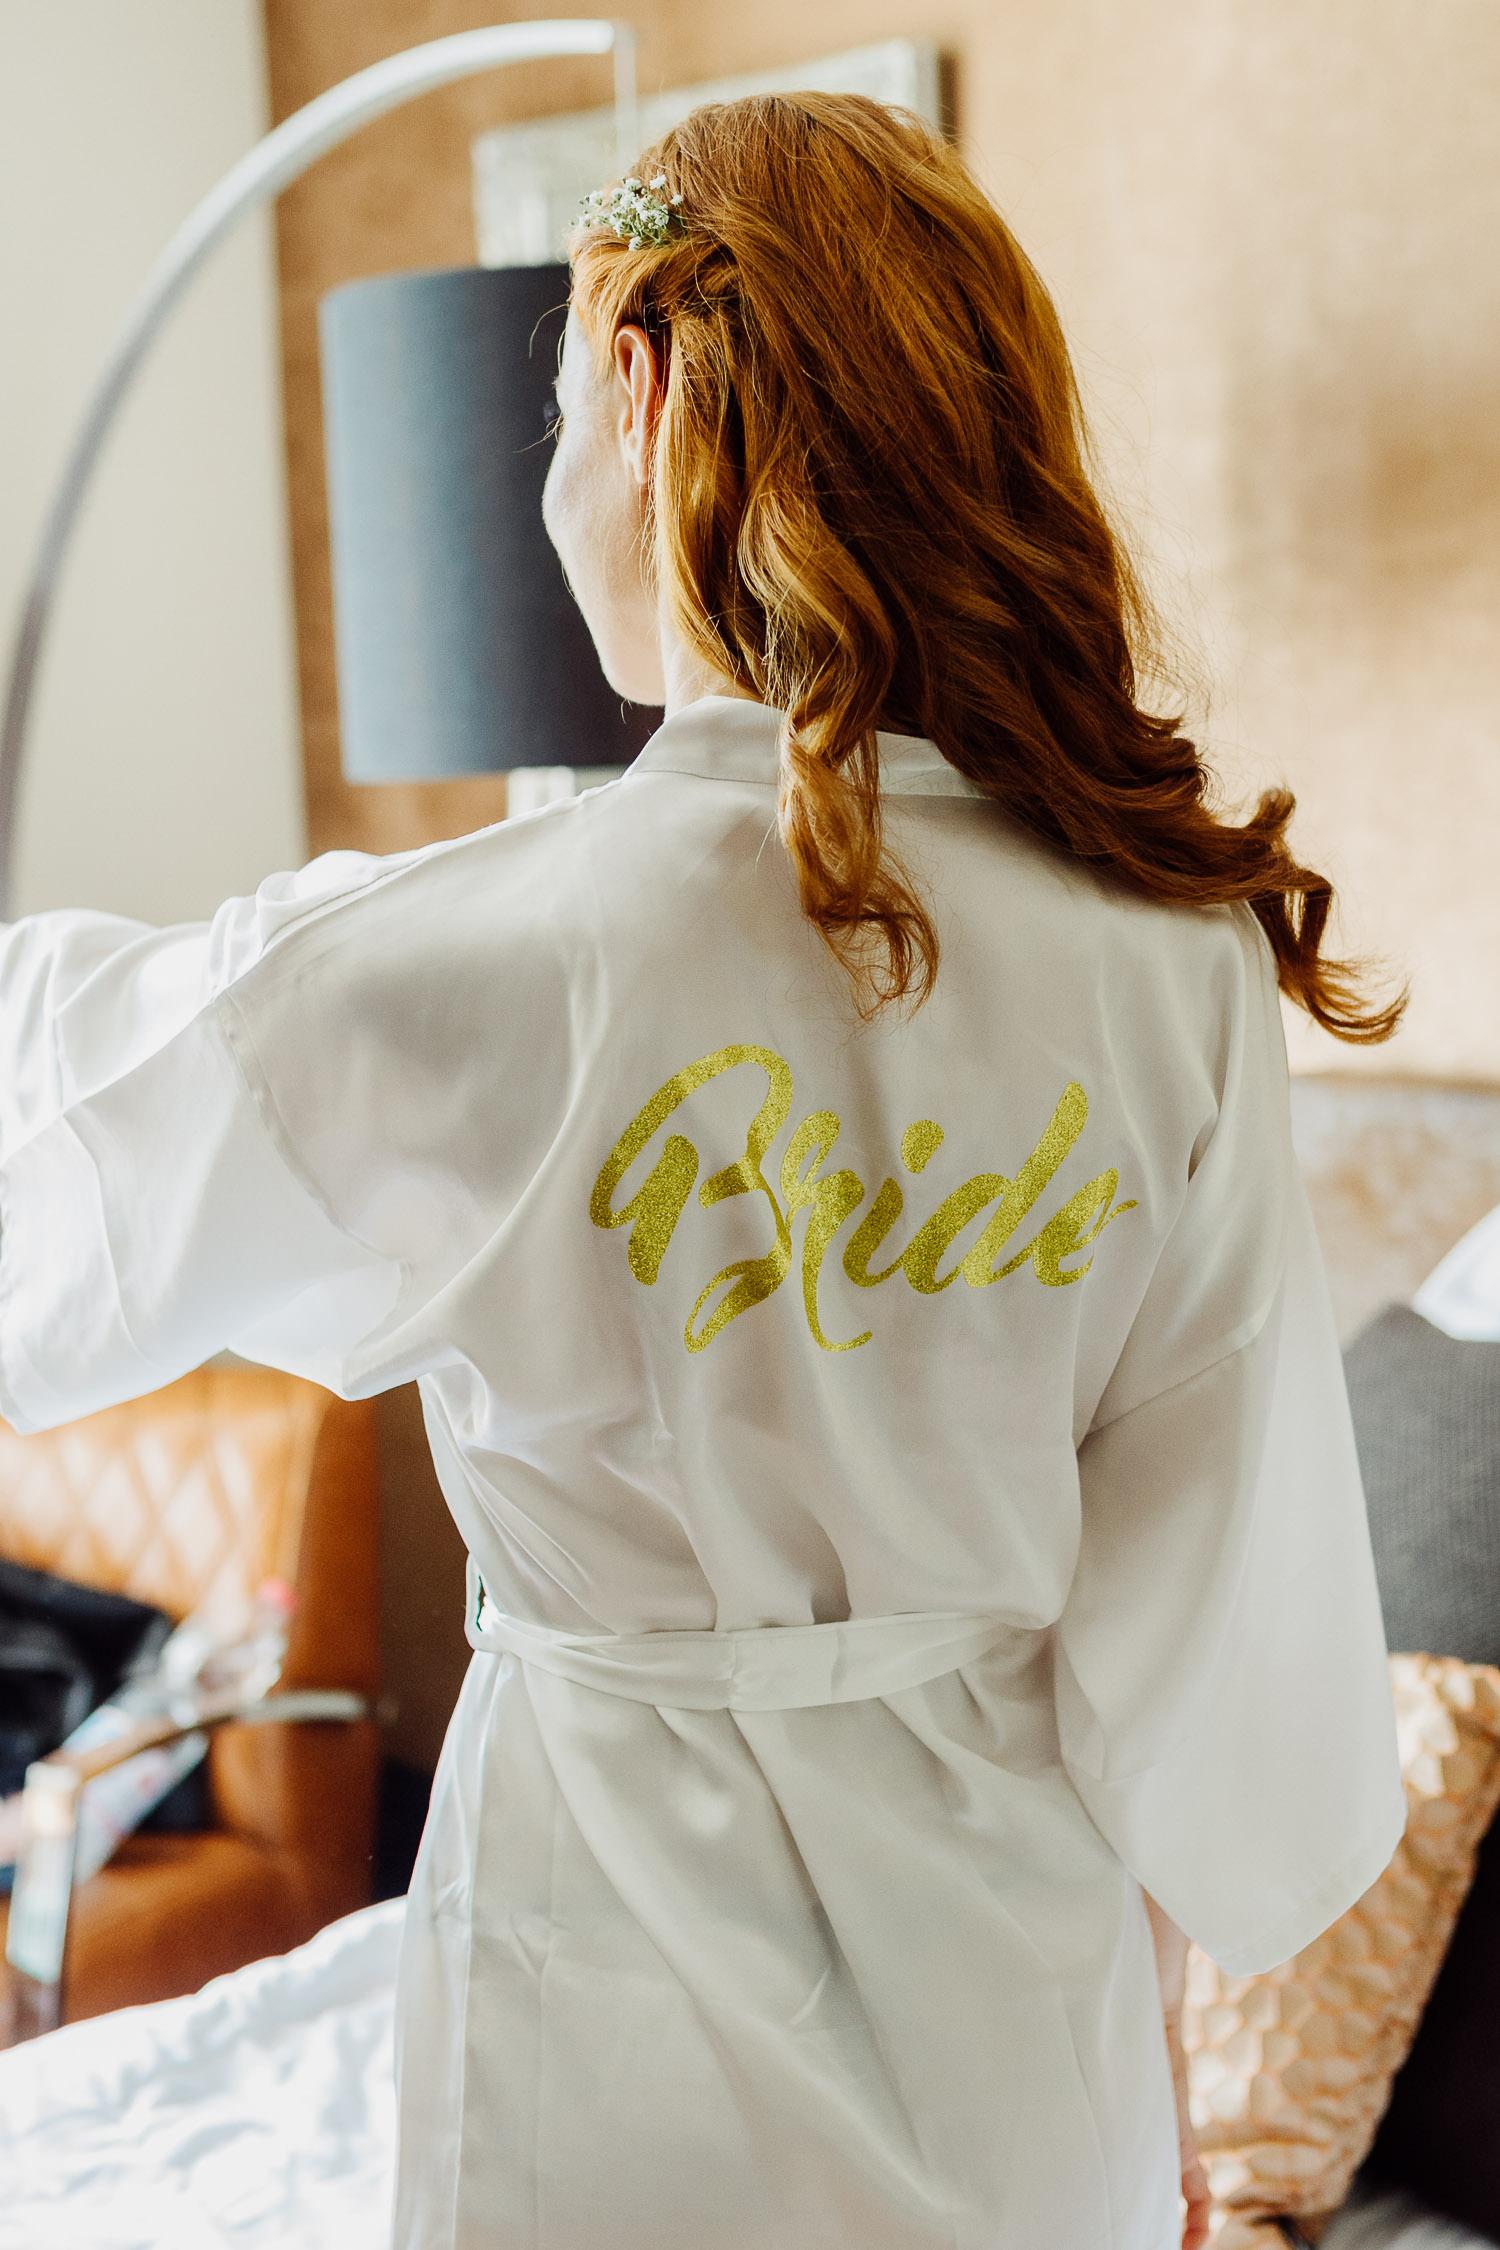 Braut trägt Bademantel mit Schriftzug